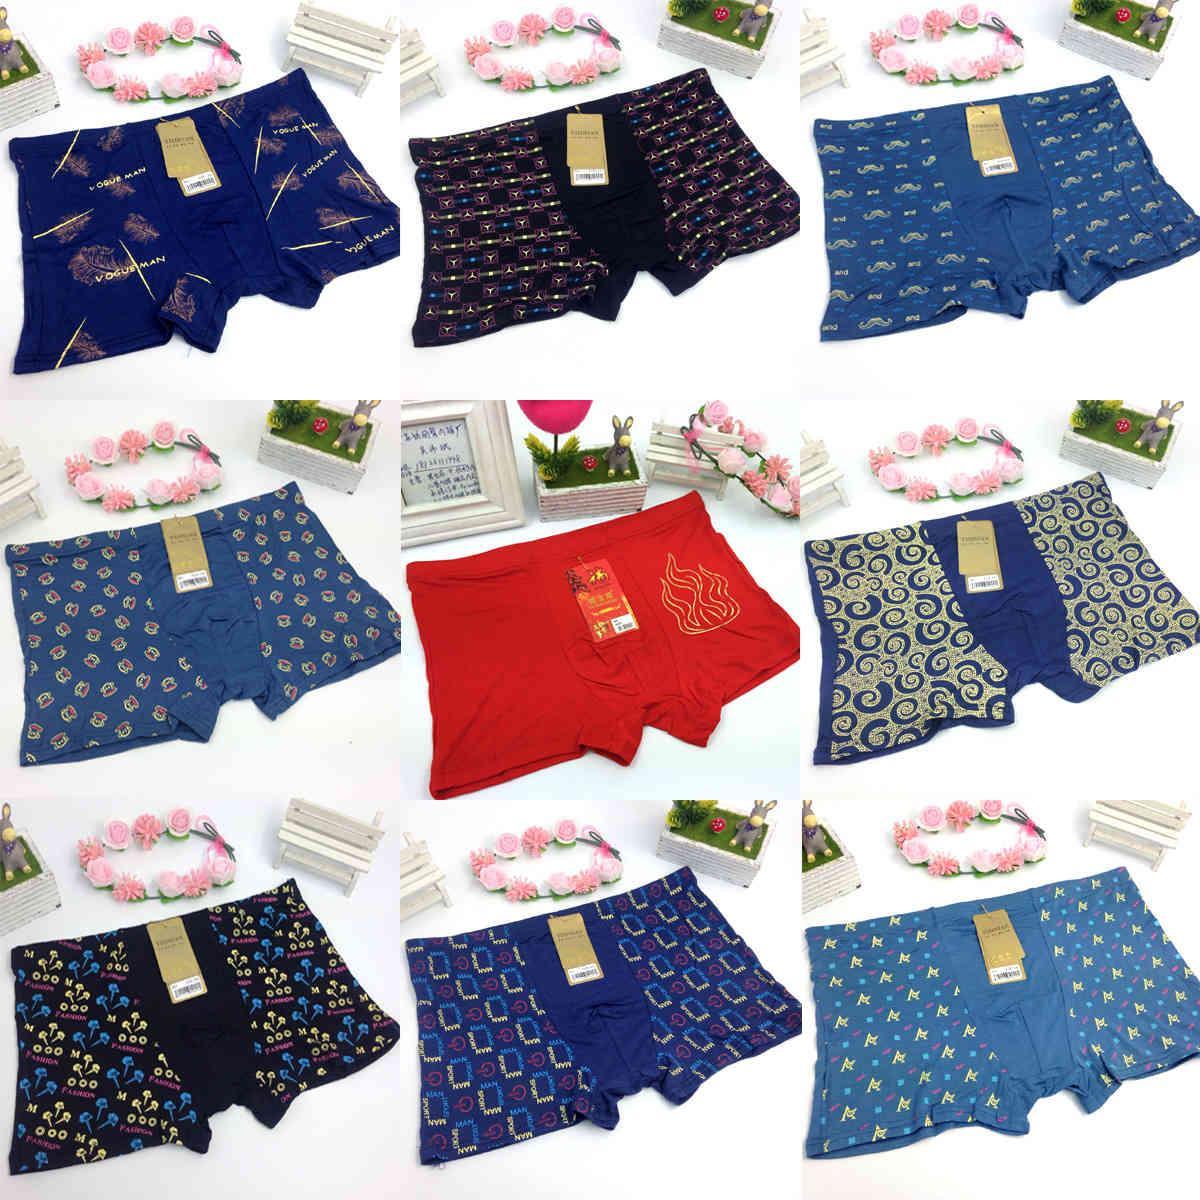 Sous-vêtements 5 Yuan Modèle Sous-vêtement Silk Silk Mody Hommes Boxer Livraison Enregistrement